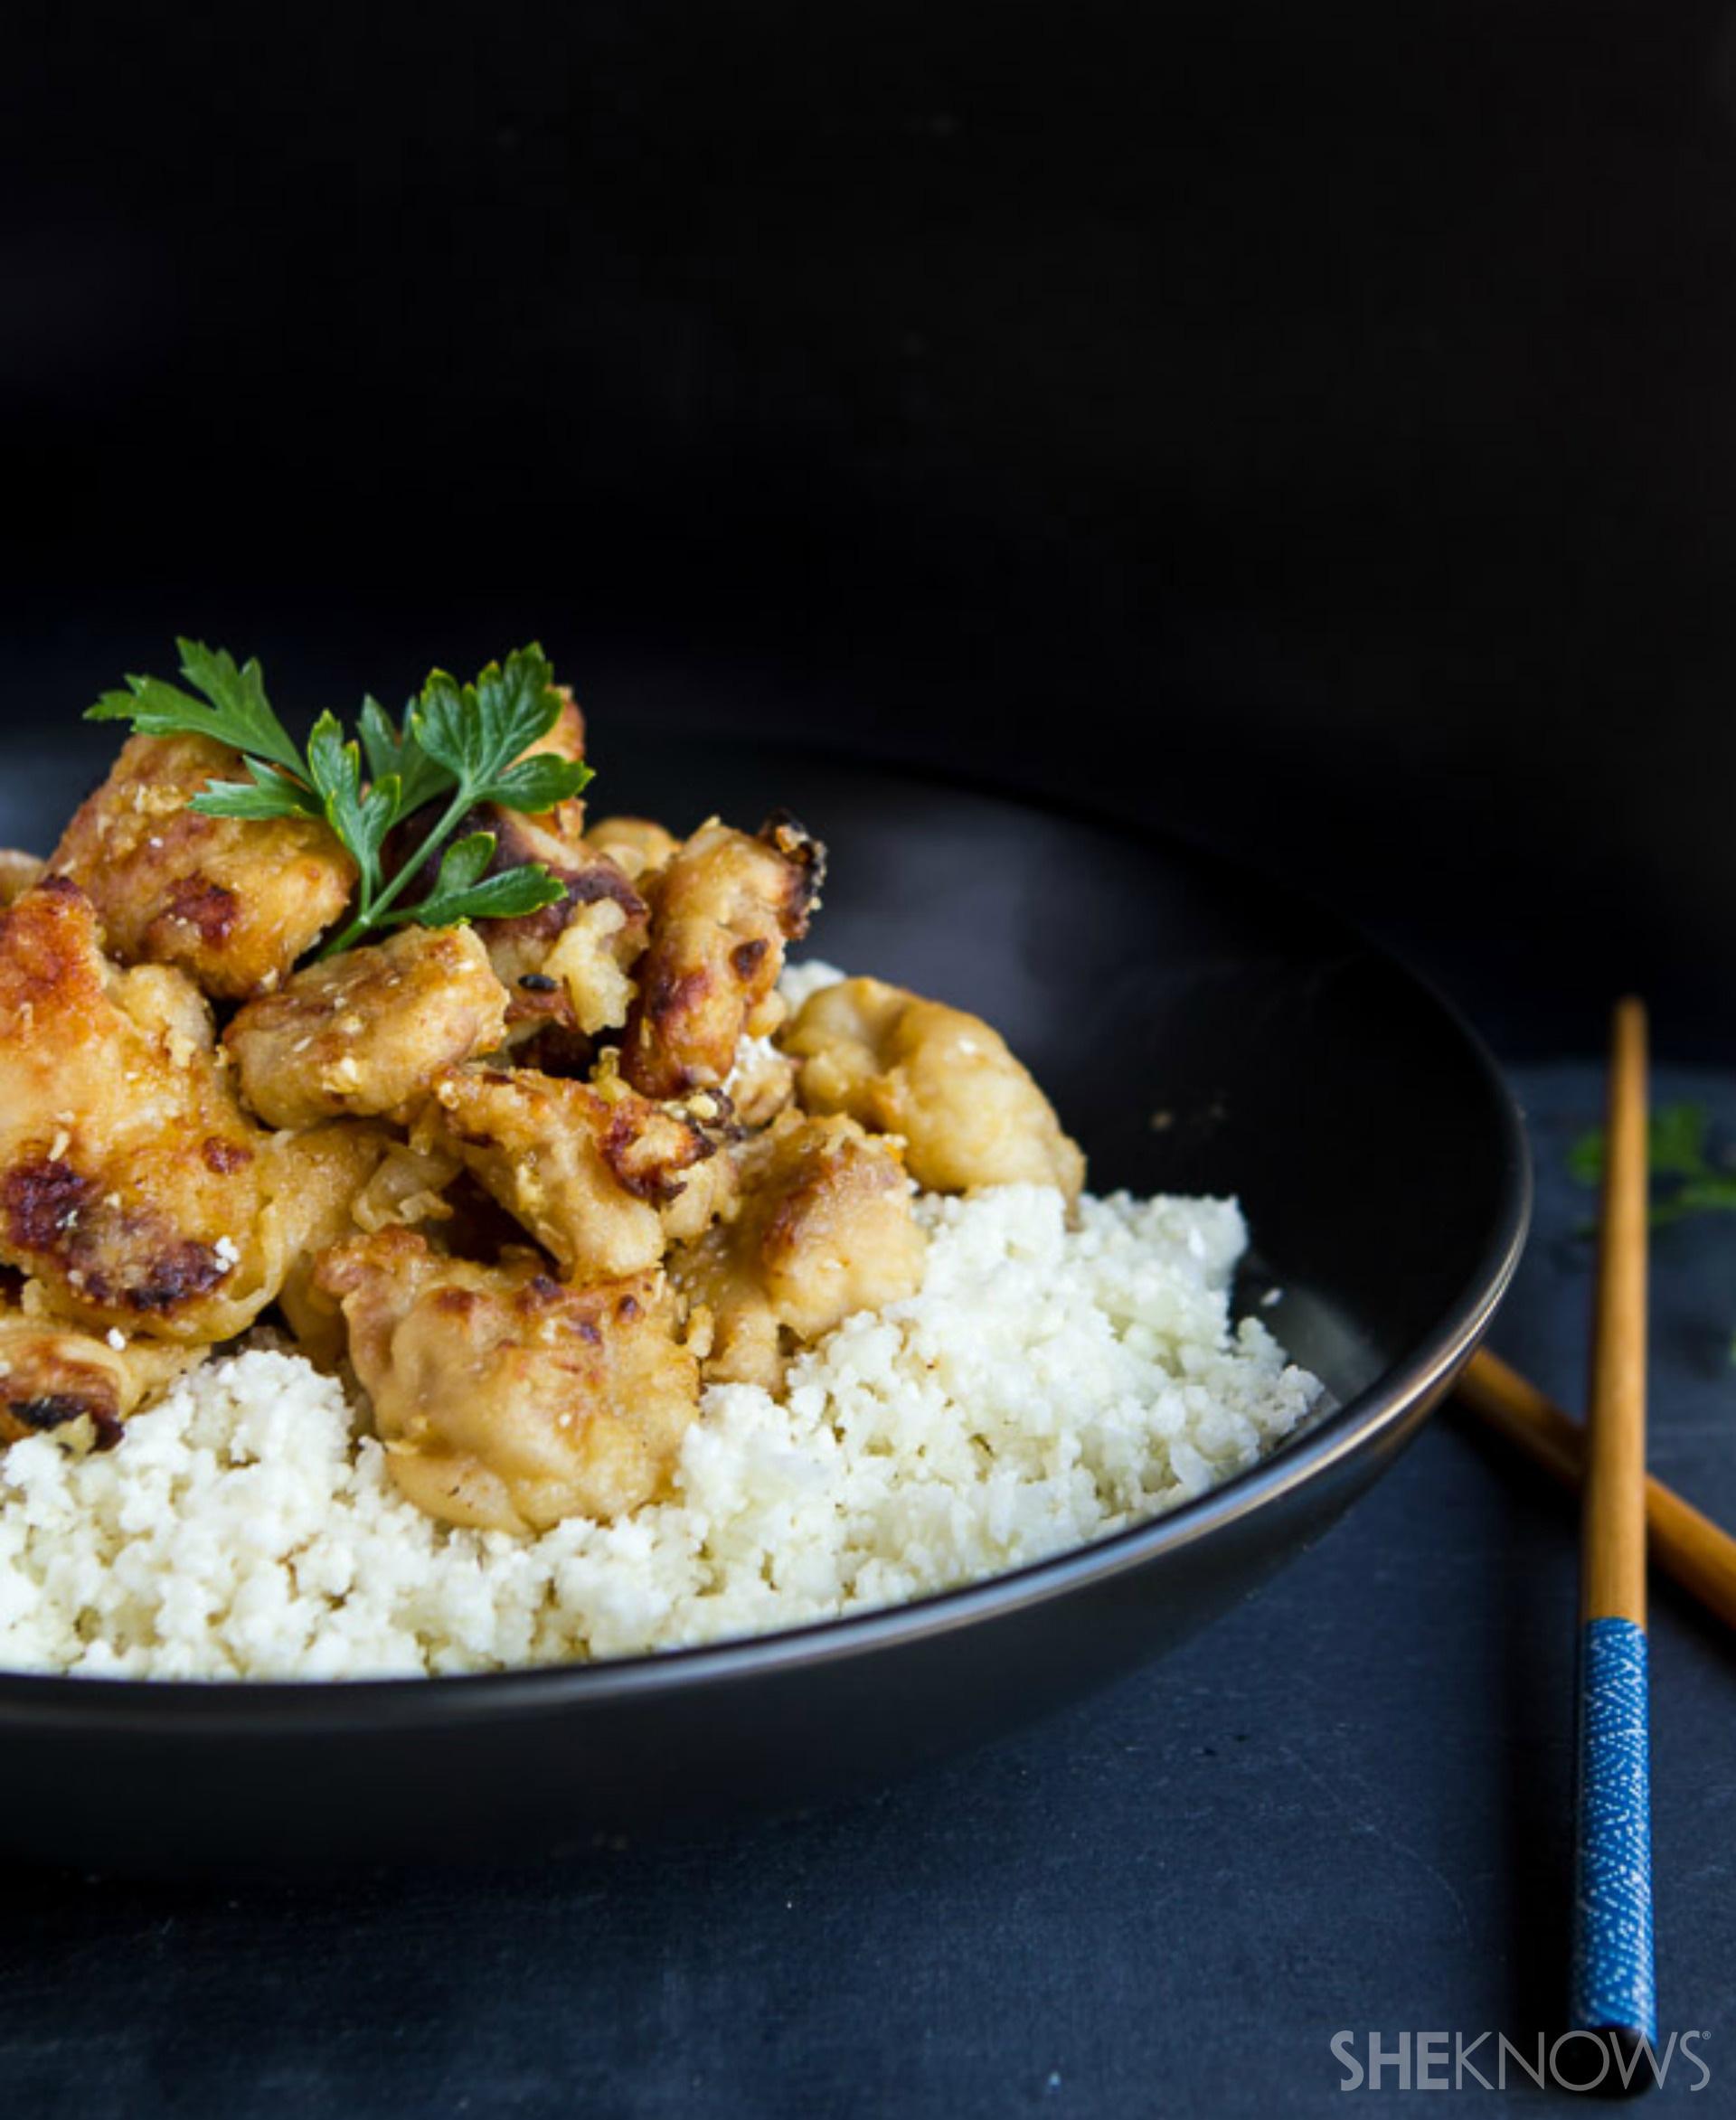 Slow cooker orange chicken with cauliflower rice